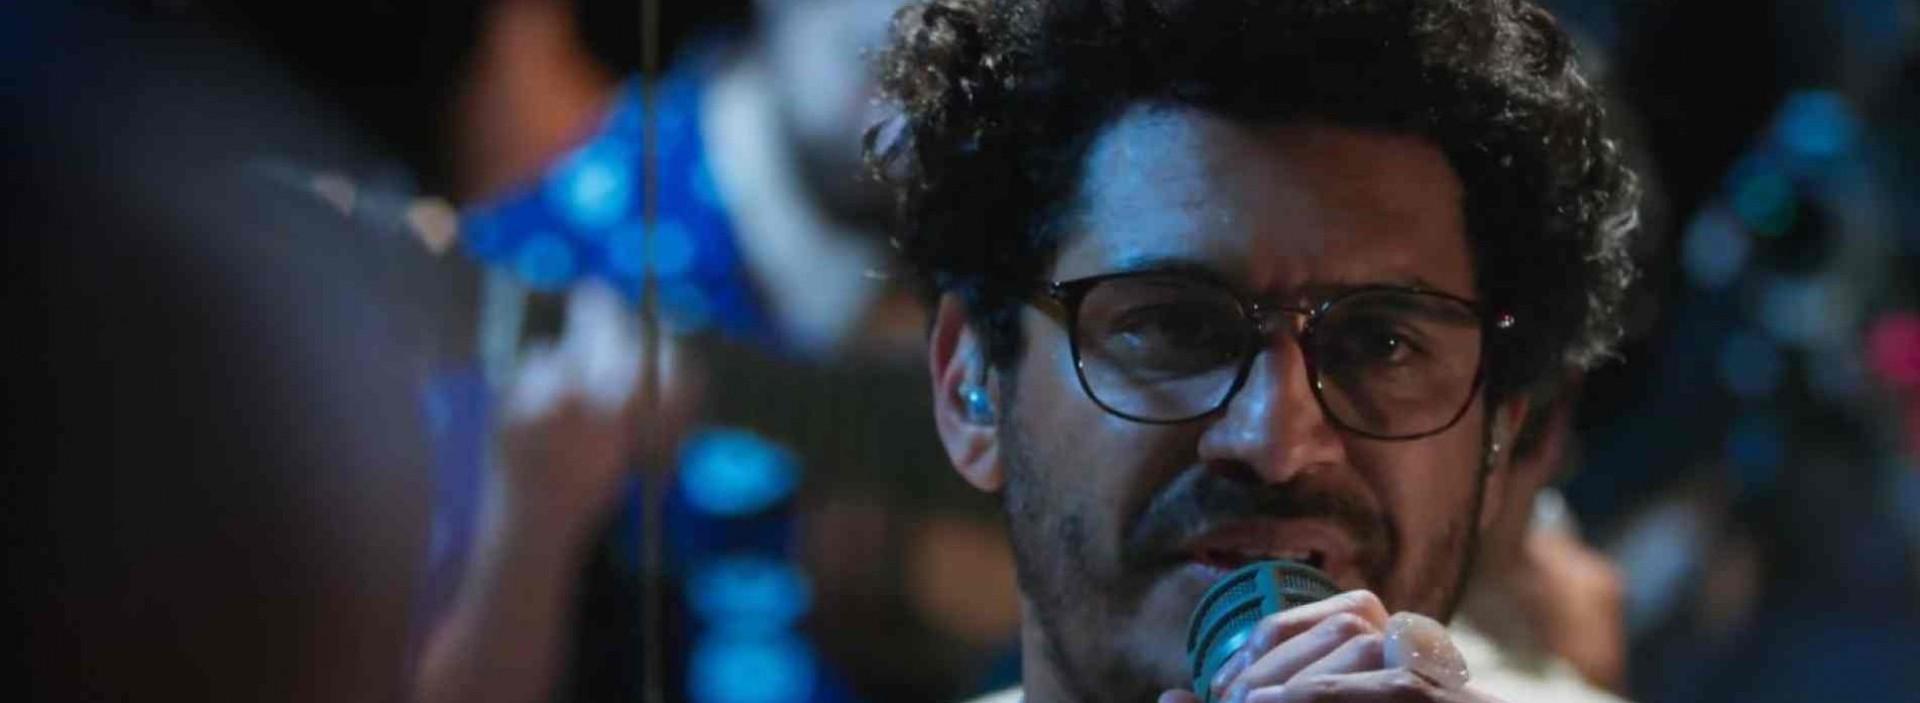 Criolo estreia especial em homenagem ao samba (Foto: Divulgação)